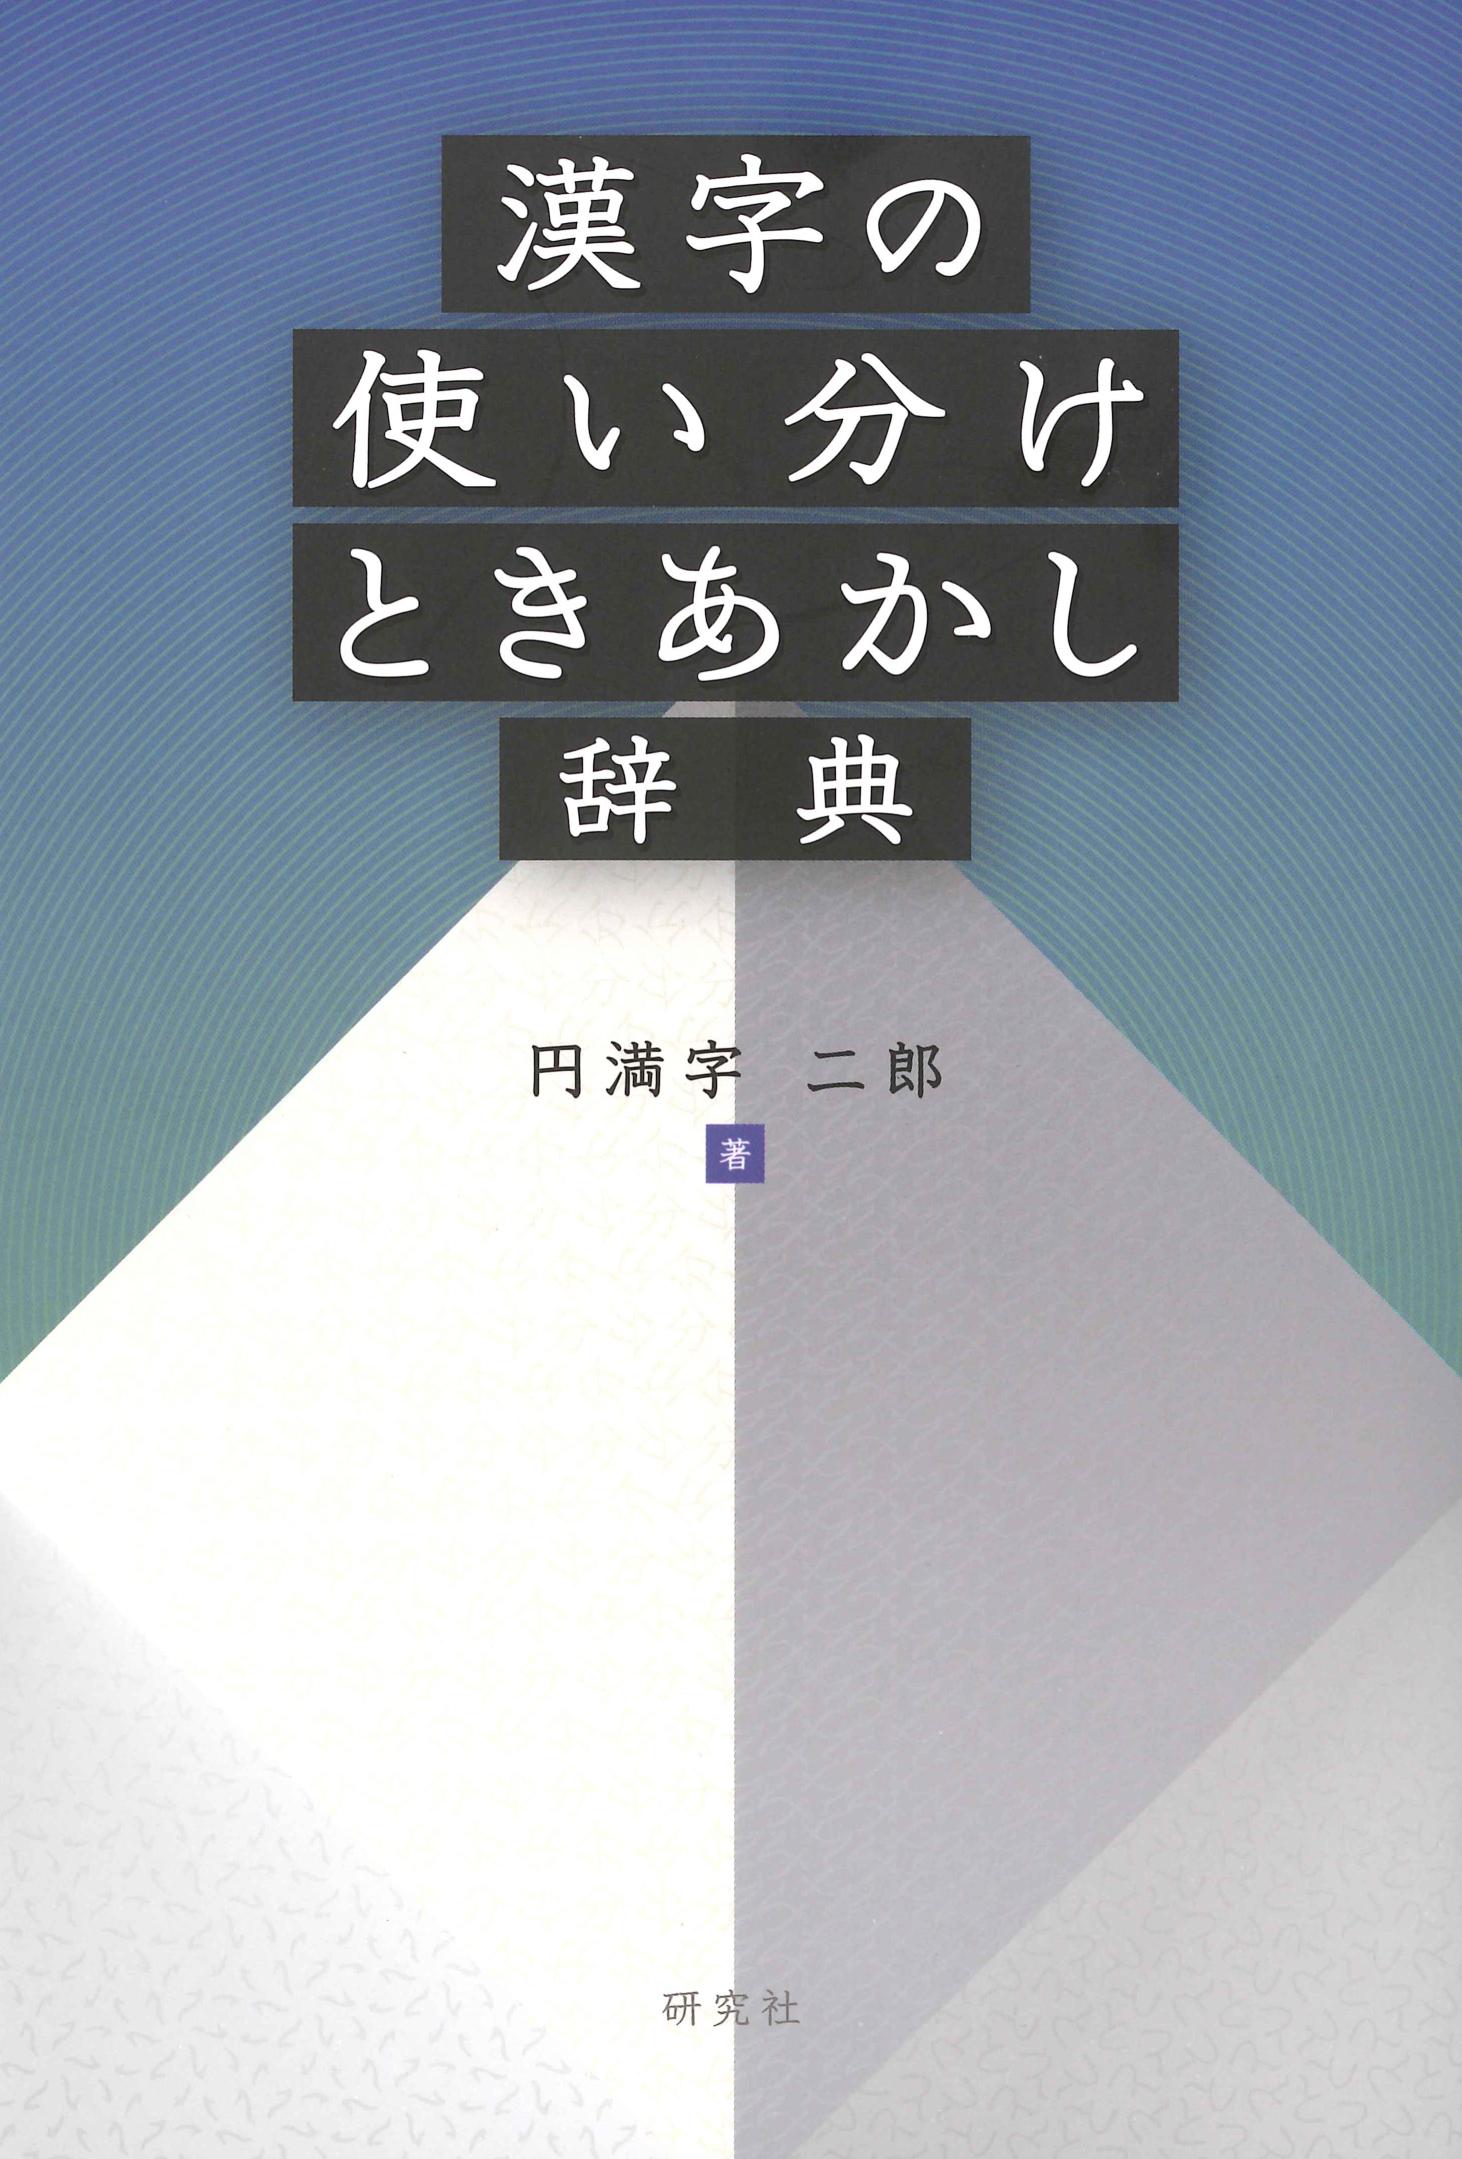 成功 を おさめる 漢字 優秀な成績をおさめるは「修」と「収」のどちらが正しい?使い方の例...